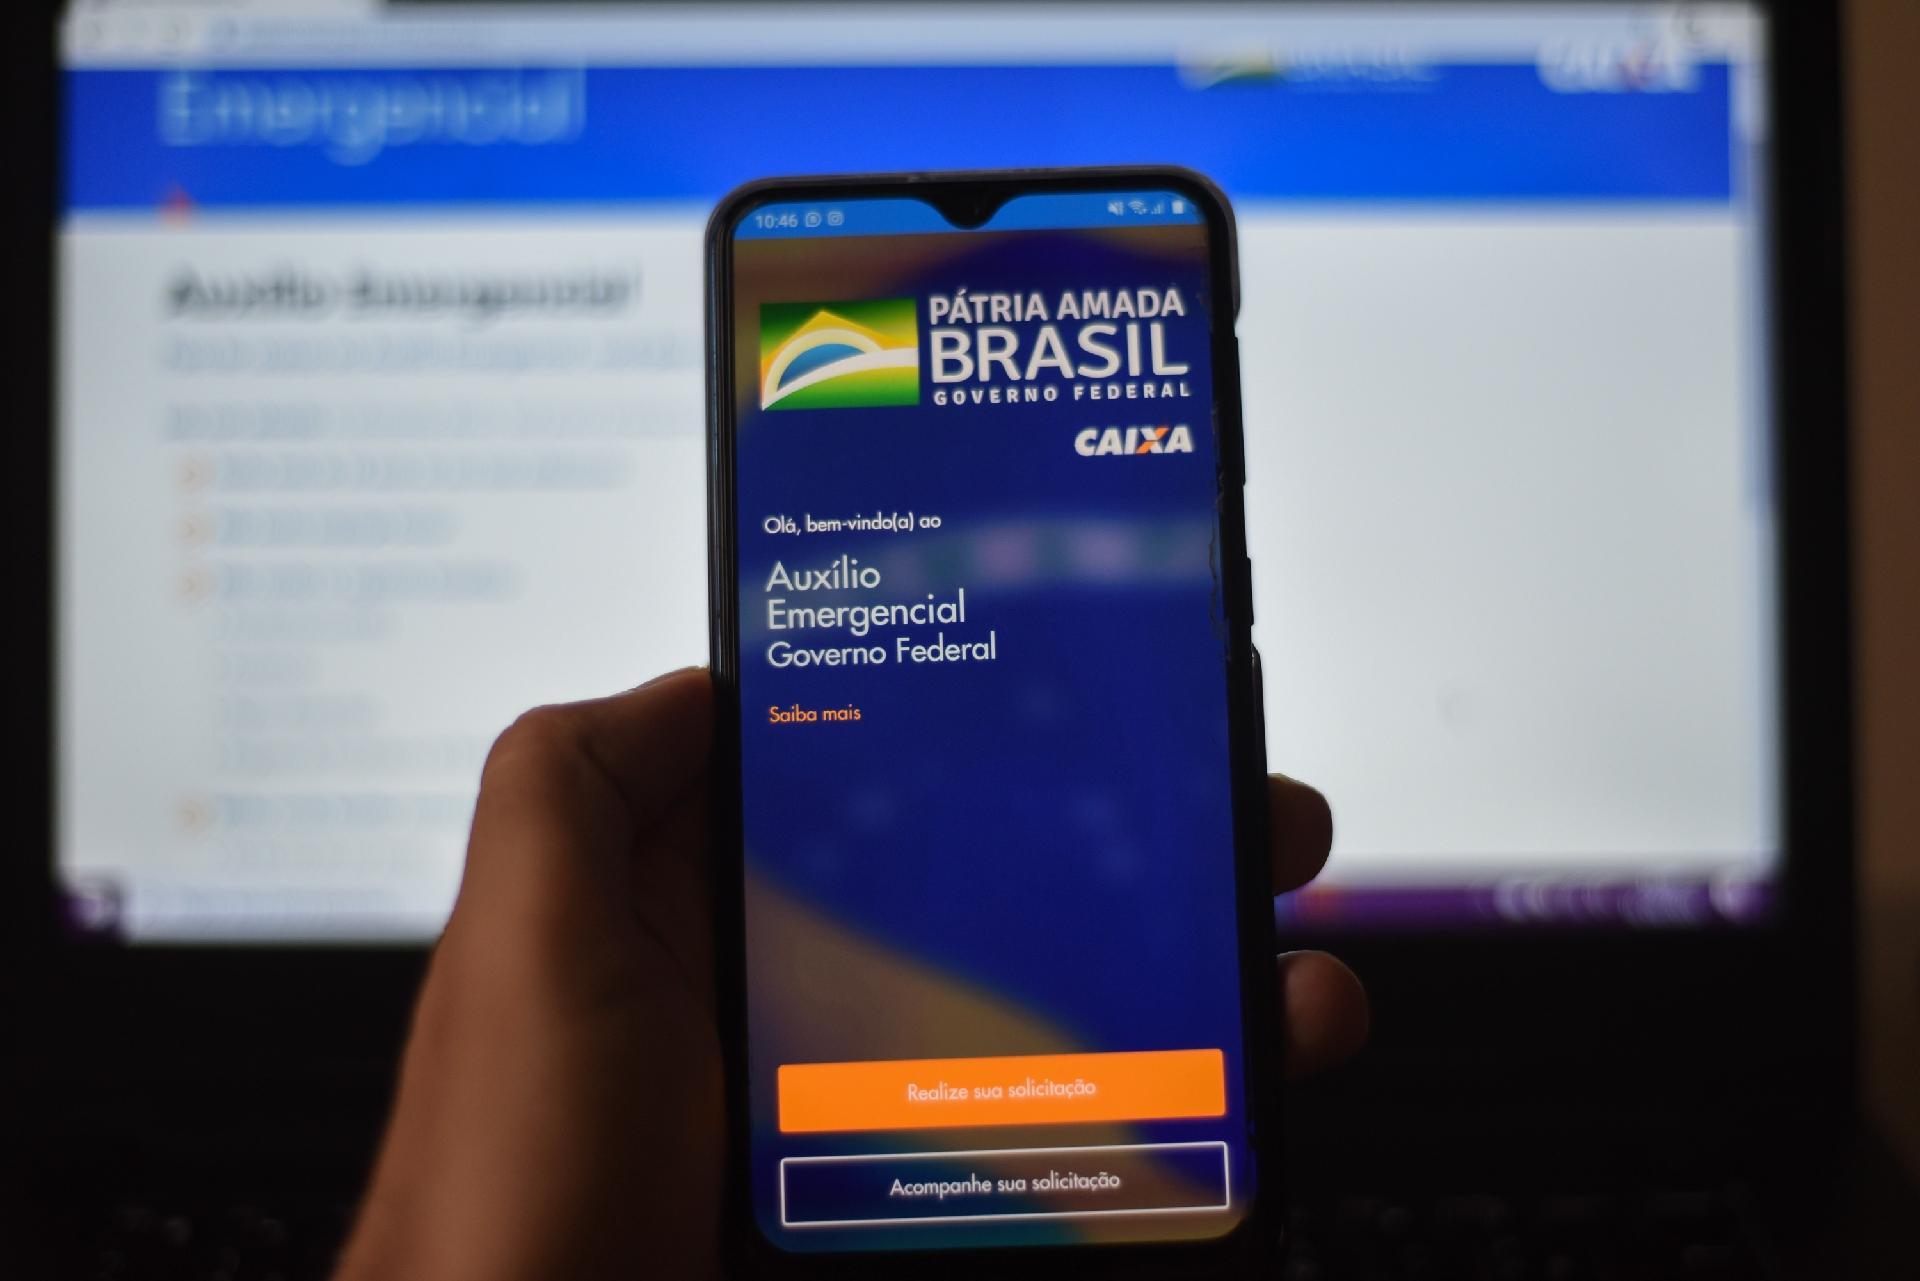 Caixa libera auxílio emergencial para quase 6 milhões nesta terça-feira